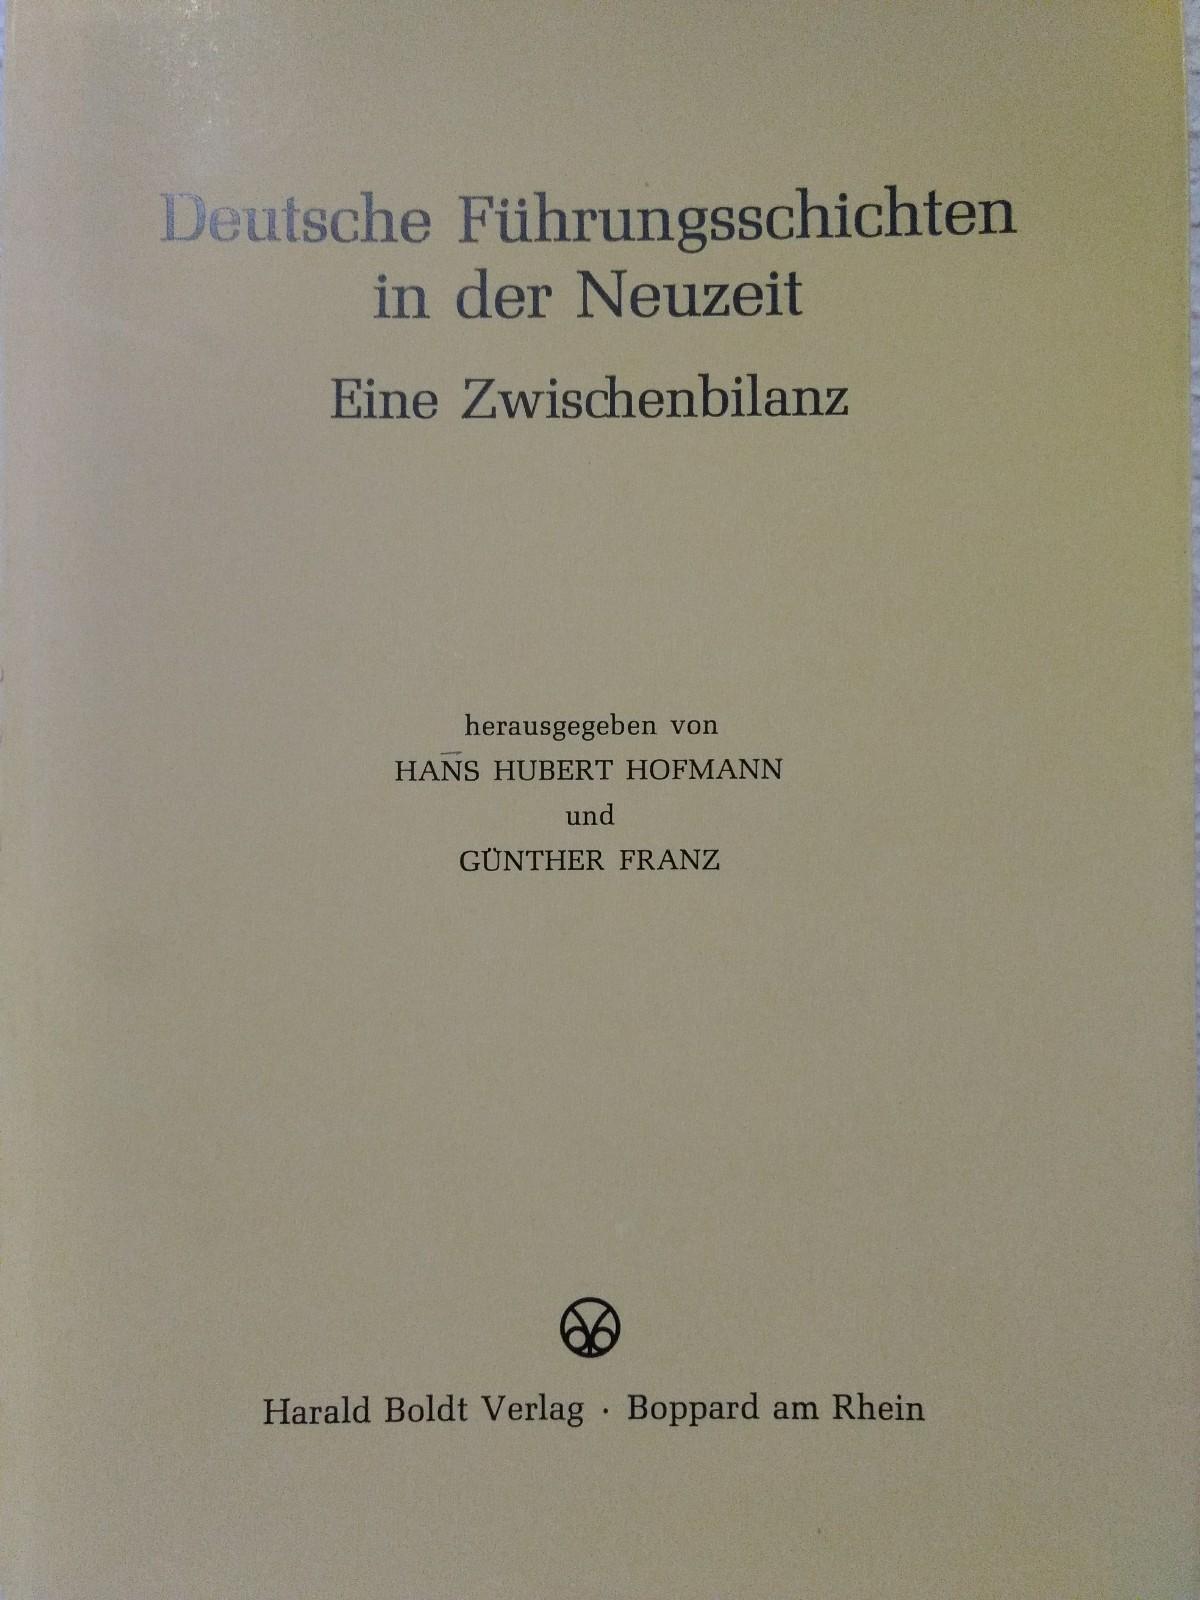 Deutsche Führungsschichten in der Neuzeit. Eine Zwischenbilanz.: Hubert, Hans und